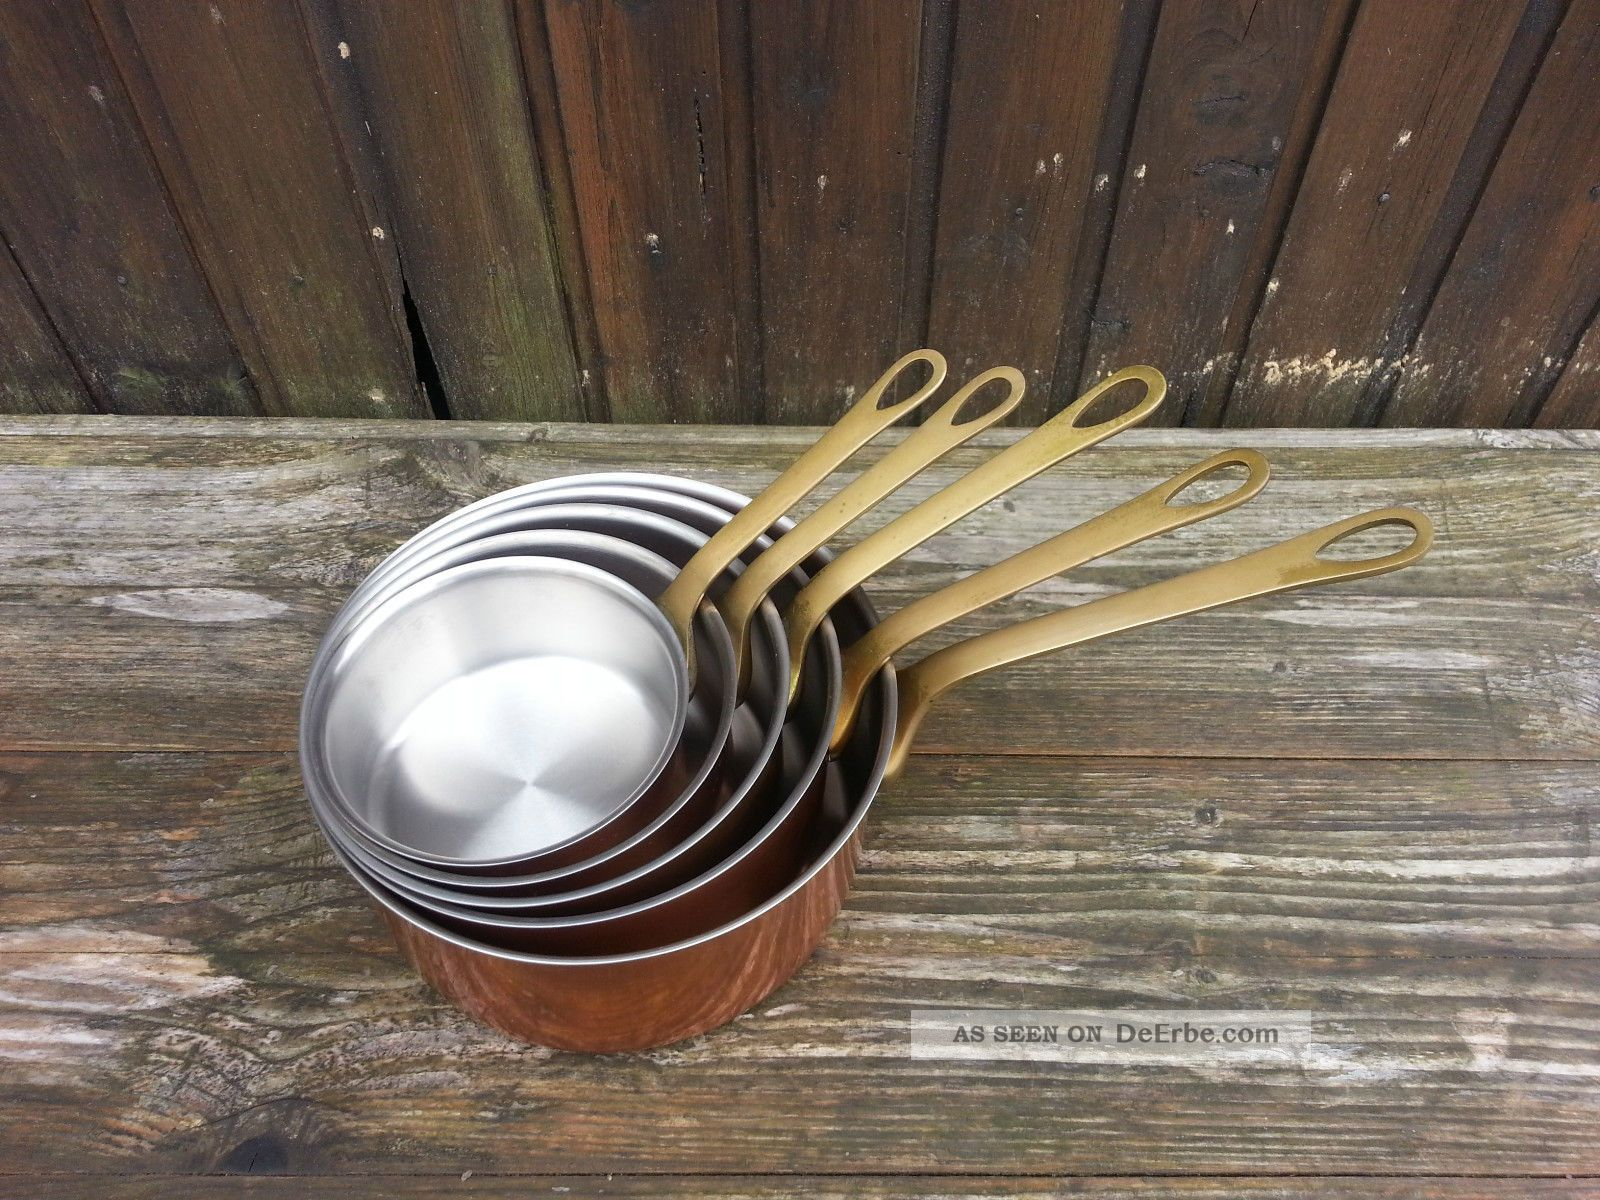 5 Kupfertöpfe / Kupfer Kasserollen / France Cuisin Nr.  890 Haushalt Bild